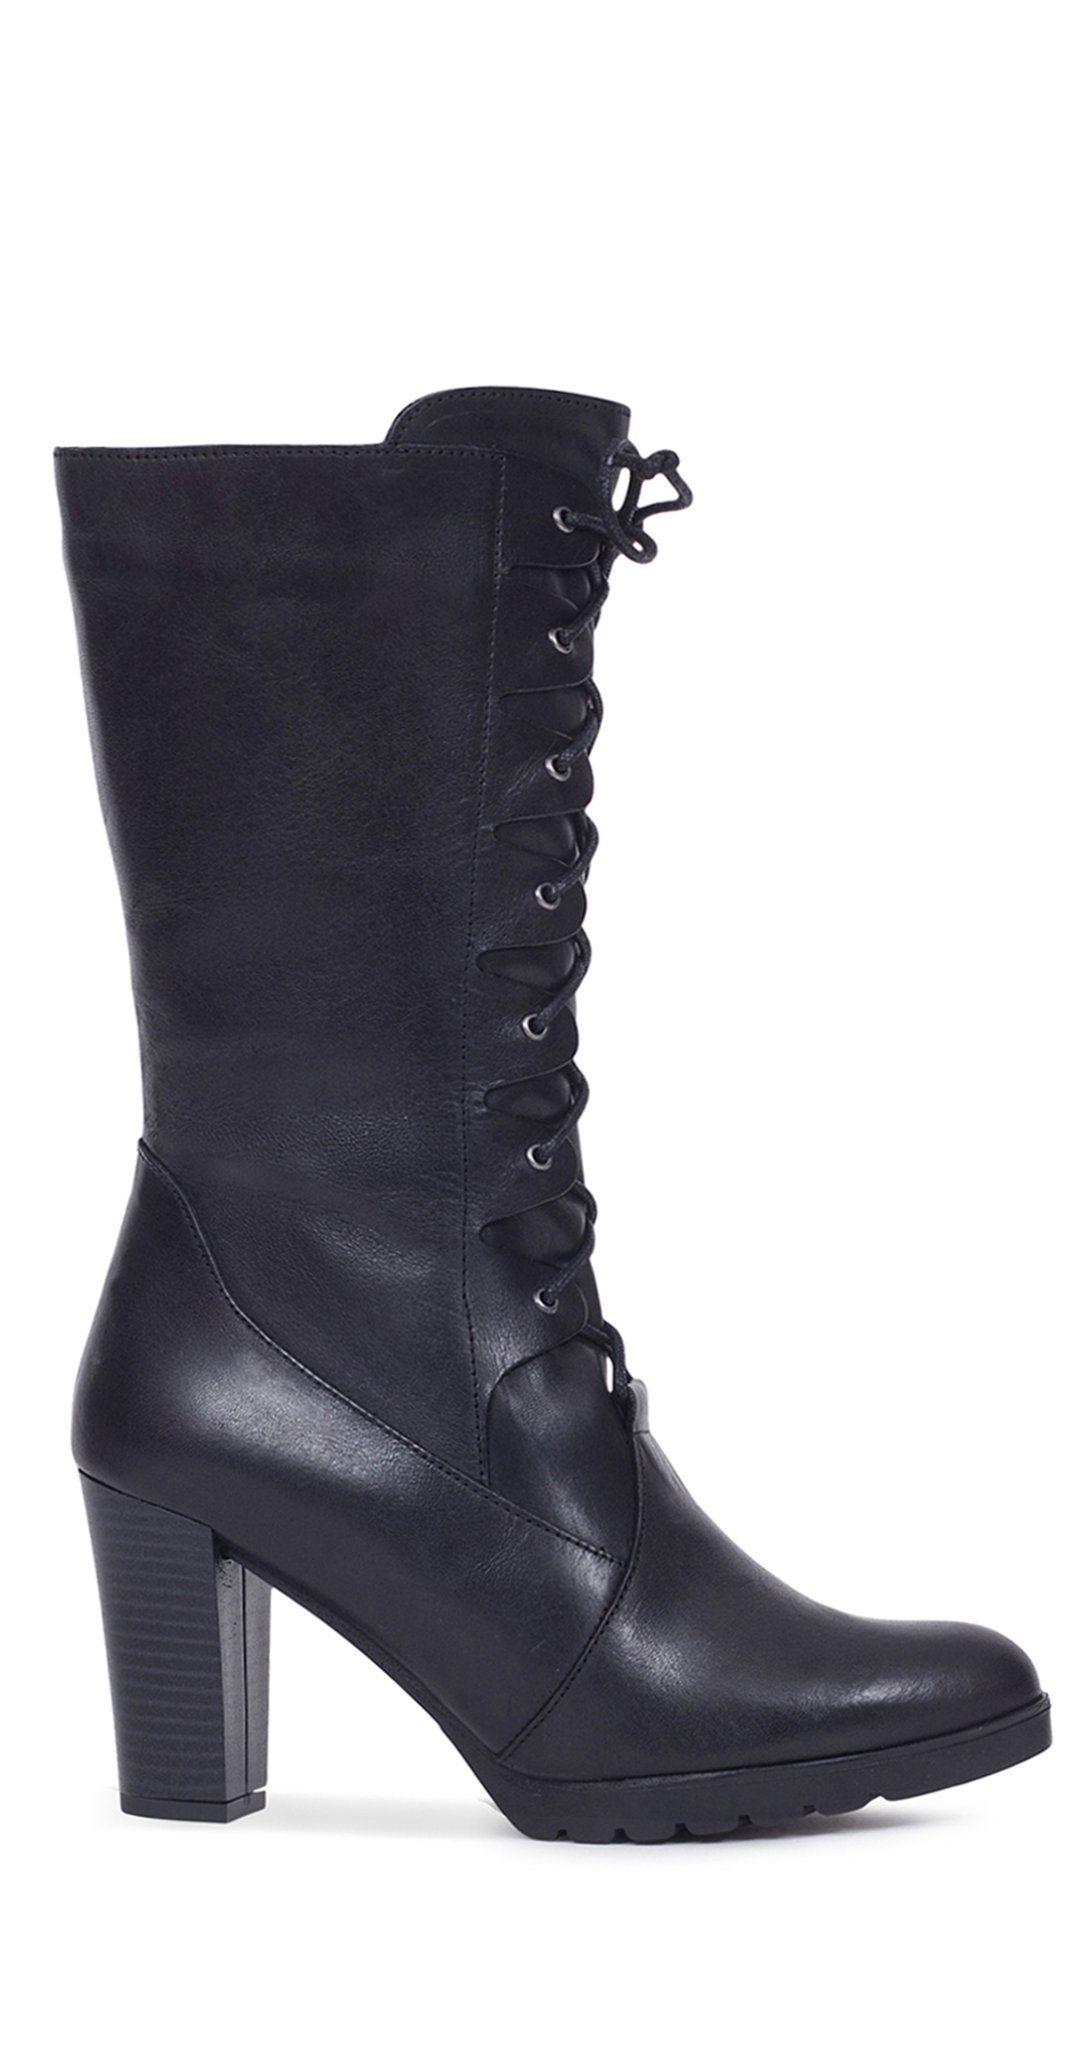 Bota alta de mujer NEGRA con cordones – Zapatos miMaO Online – miMaO  ShopOnline 123fe180d7e6e